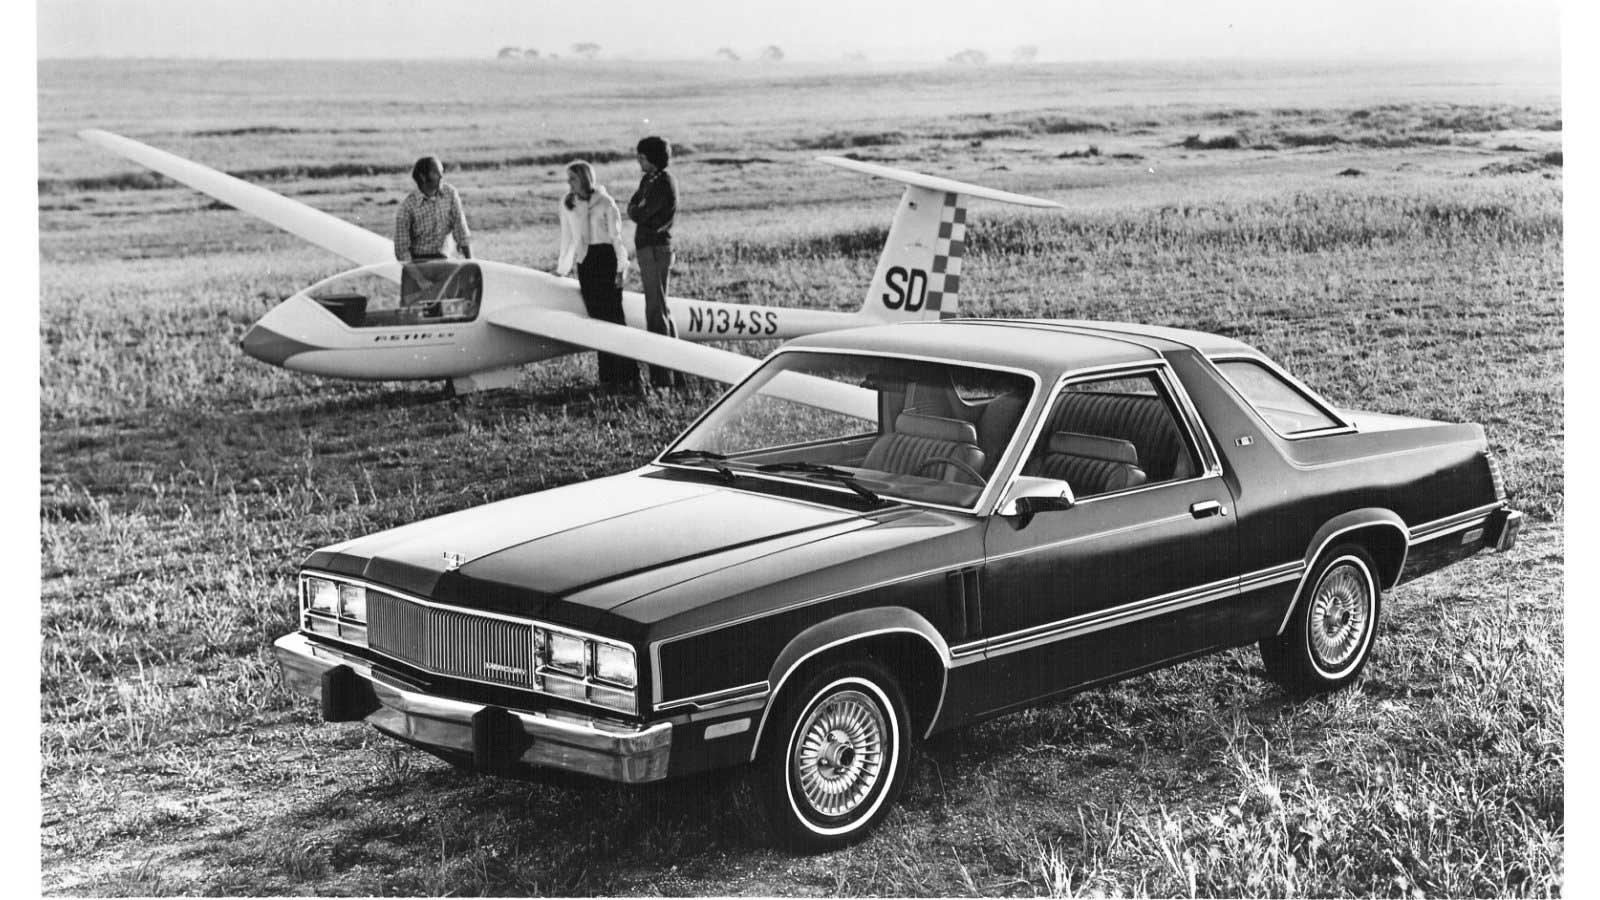 les plus belles photos de la Ford Fairmont Futura en version coupé et berline Ford_fairmont_futura_belle_photo_0004